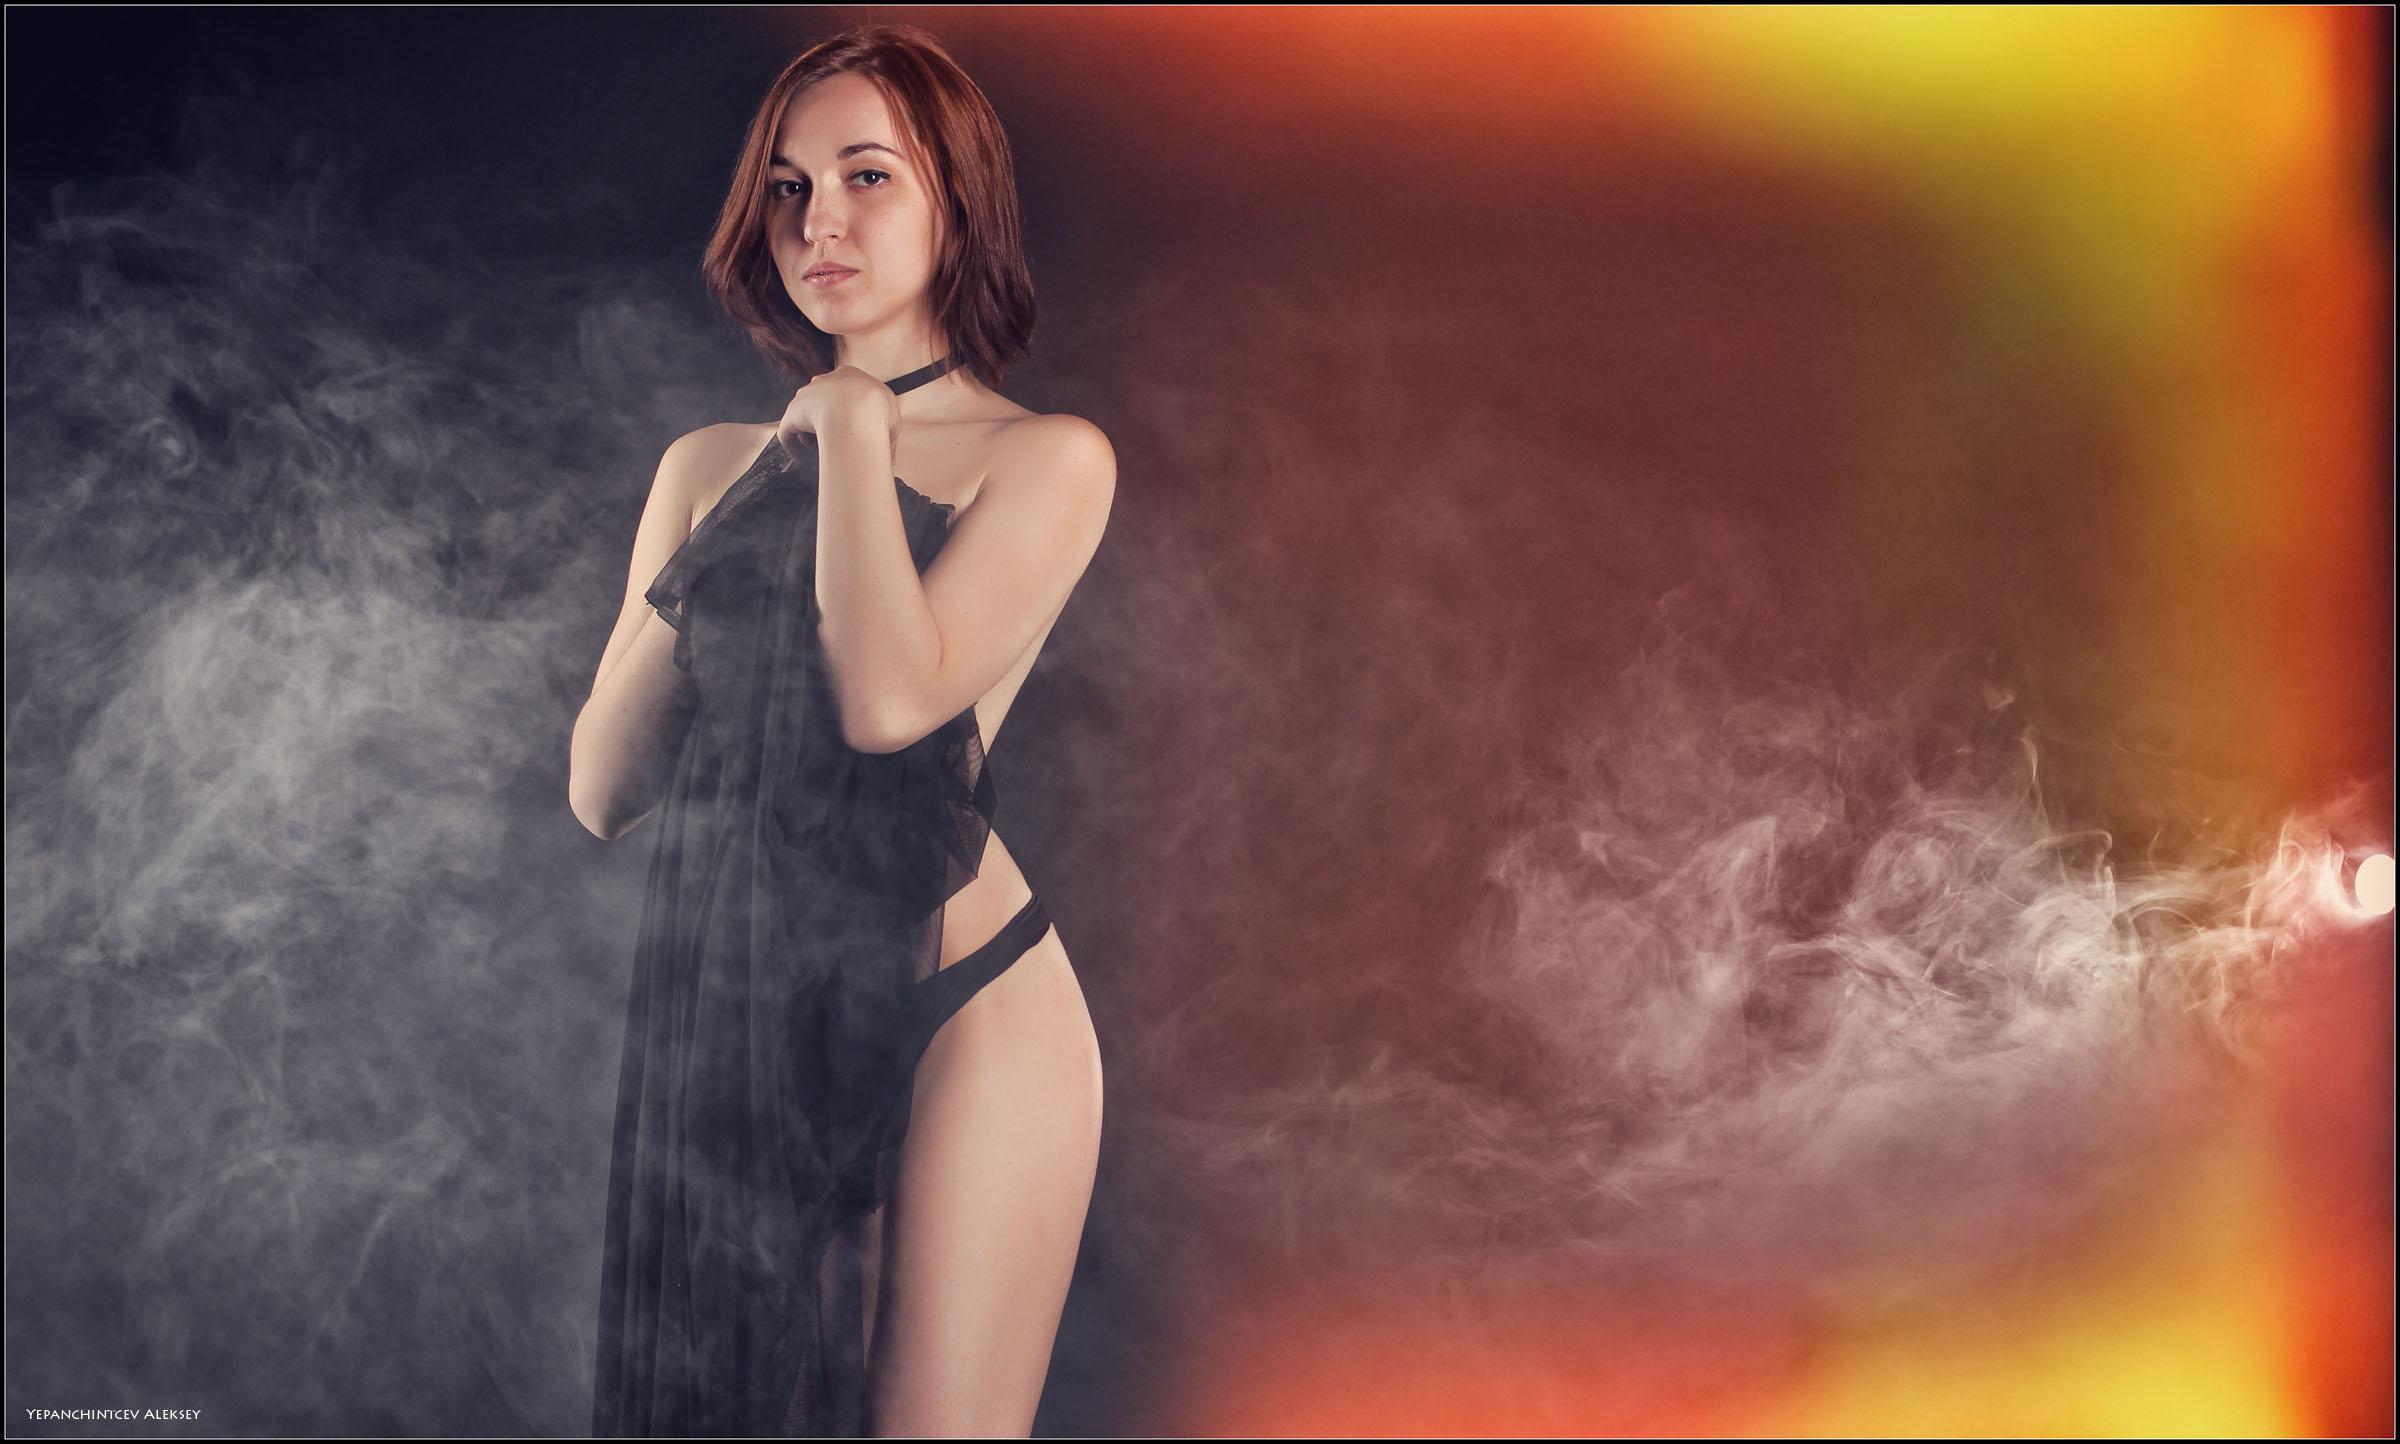 Fond D Ecran Sexy Studio Nu Brume Erotique Fumee Lingerie Pieds Nus Katerina Fille Russe 2400x1444 994080 Fond D Ecran Wallhere